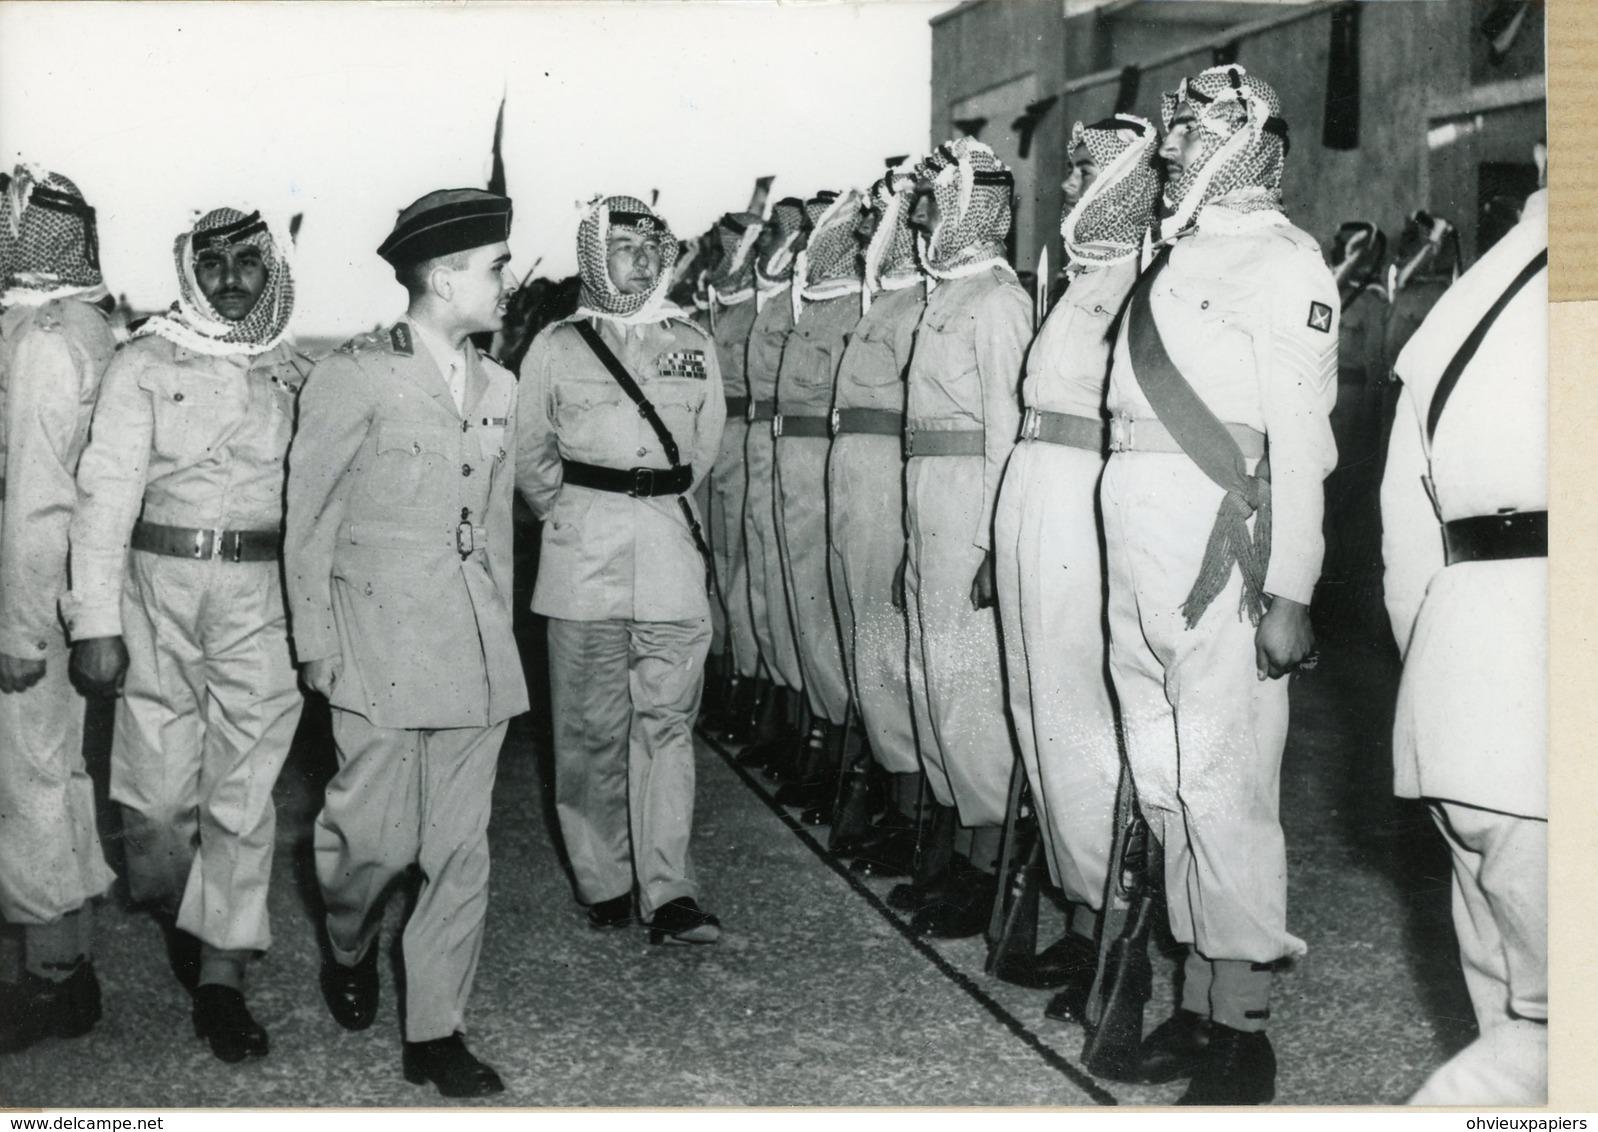 Photo Originale . Le Roi HUSSEIN  Accompagné De  GLUBB PASHA  Passe En Revue La Garde à  AMMAN - Guerre, Militaire